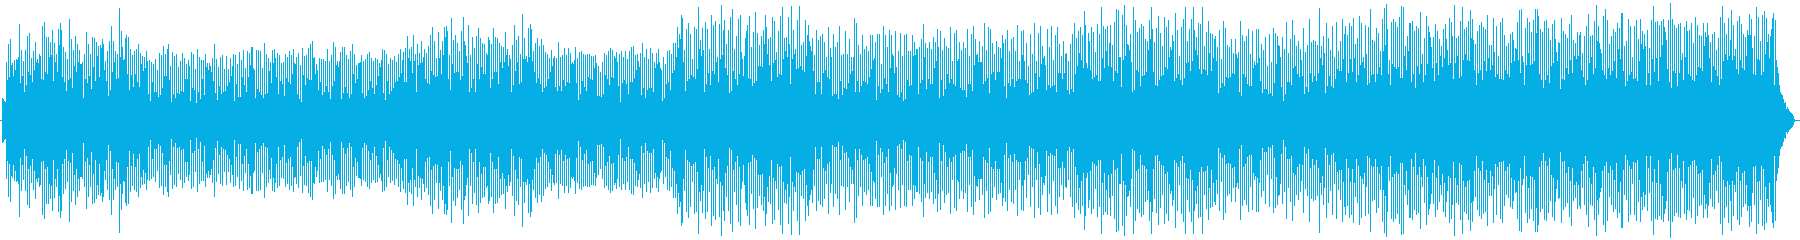 モダンなドラムループ、アコースティ...の再生済みの波形